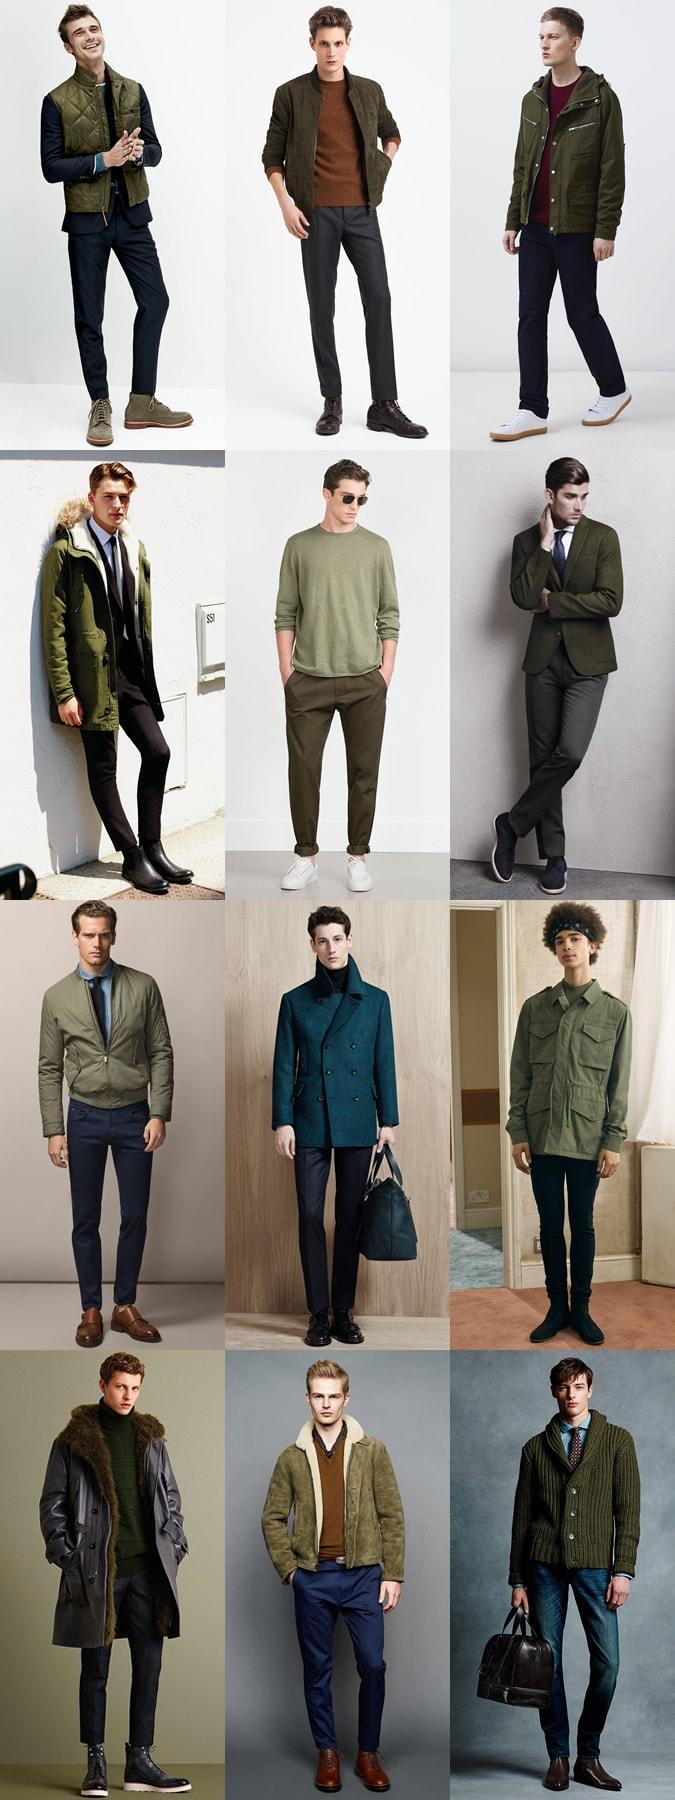 Зеленый и болотный цвета - лучший выбор сезона осень-зима 2015-2016 года